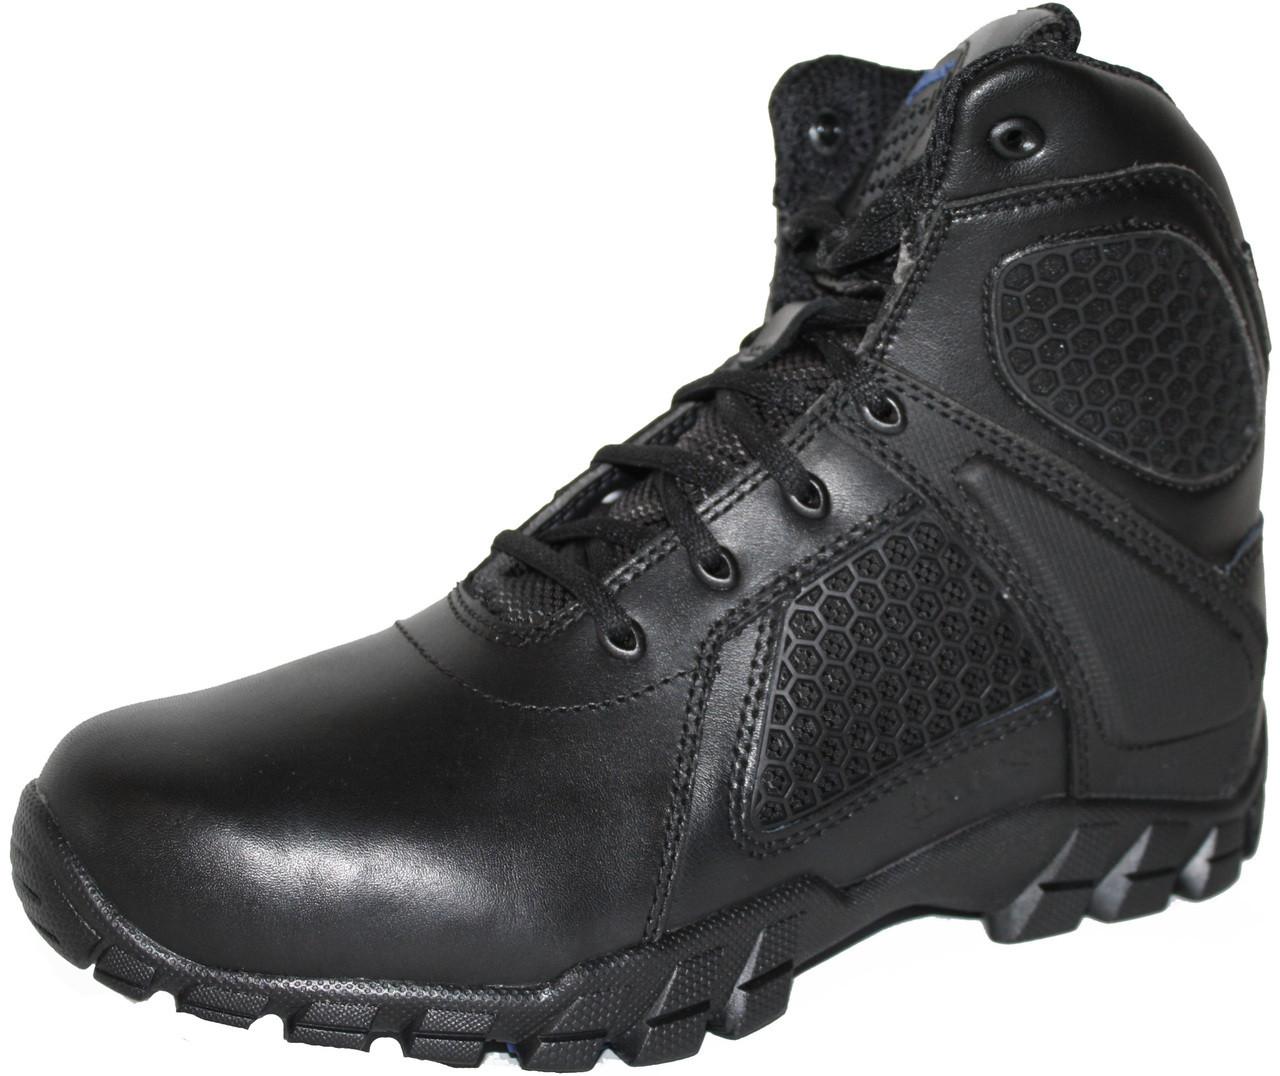 279cea756a6 Bates 7006-B Mens 6 Inch Strike Side Zip Waterproof Tactical Boot